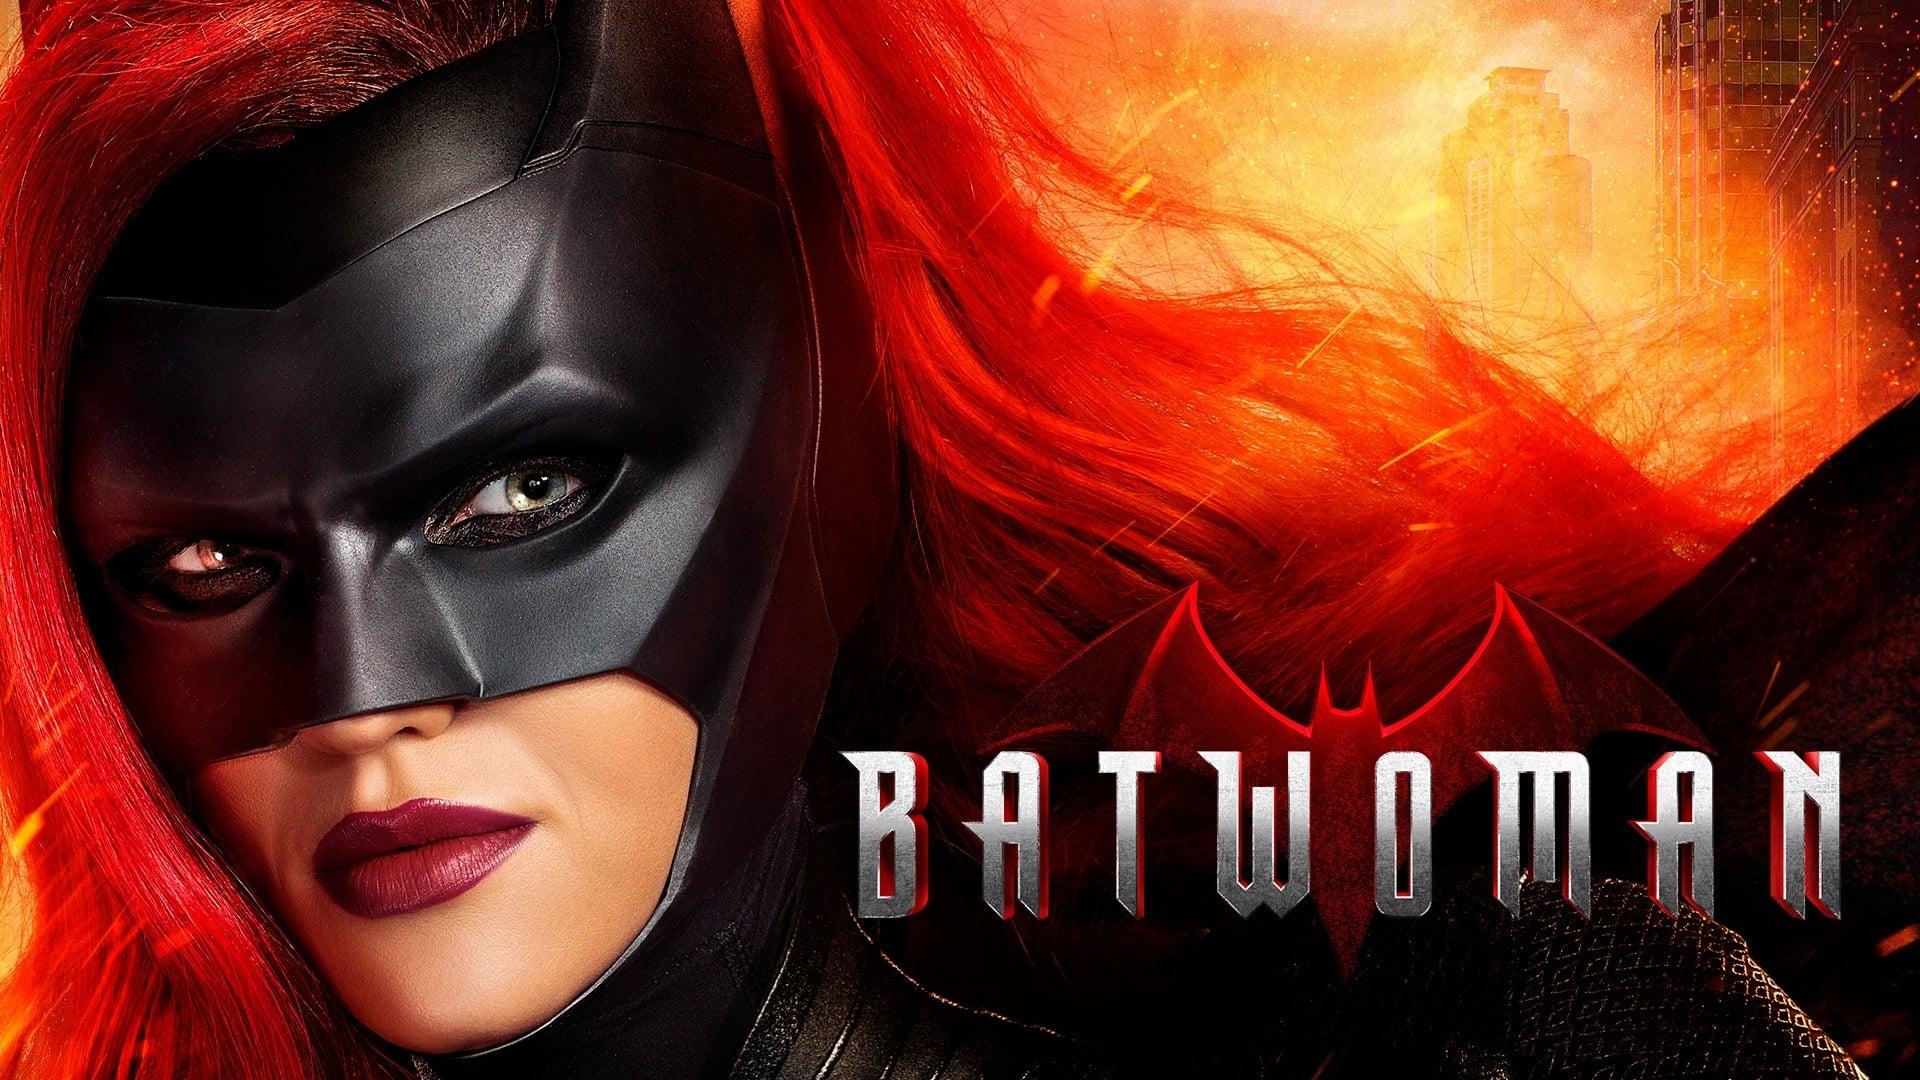 Maak kans op het eerste seizoen van Batwoman